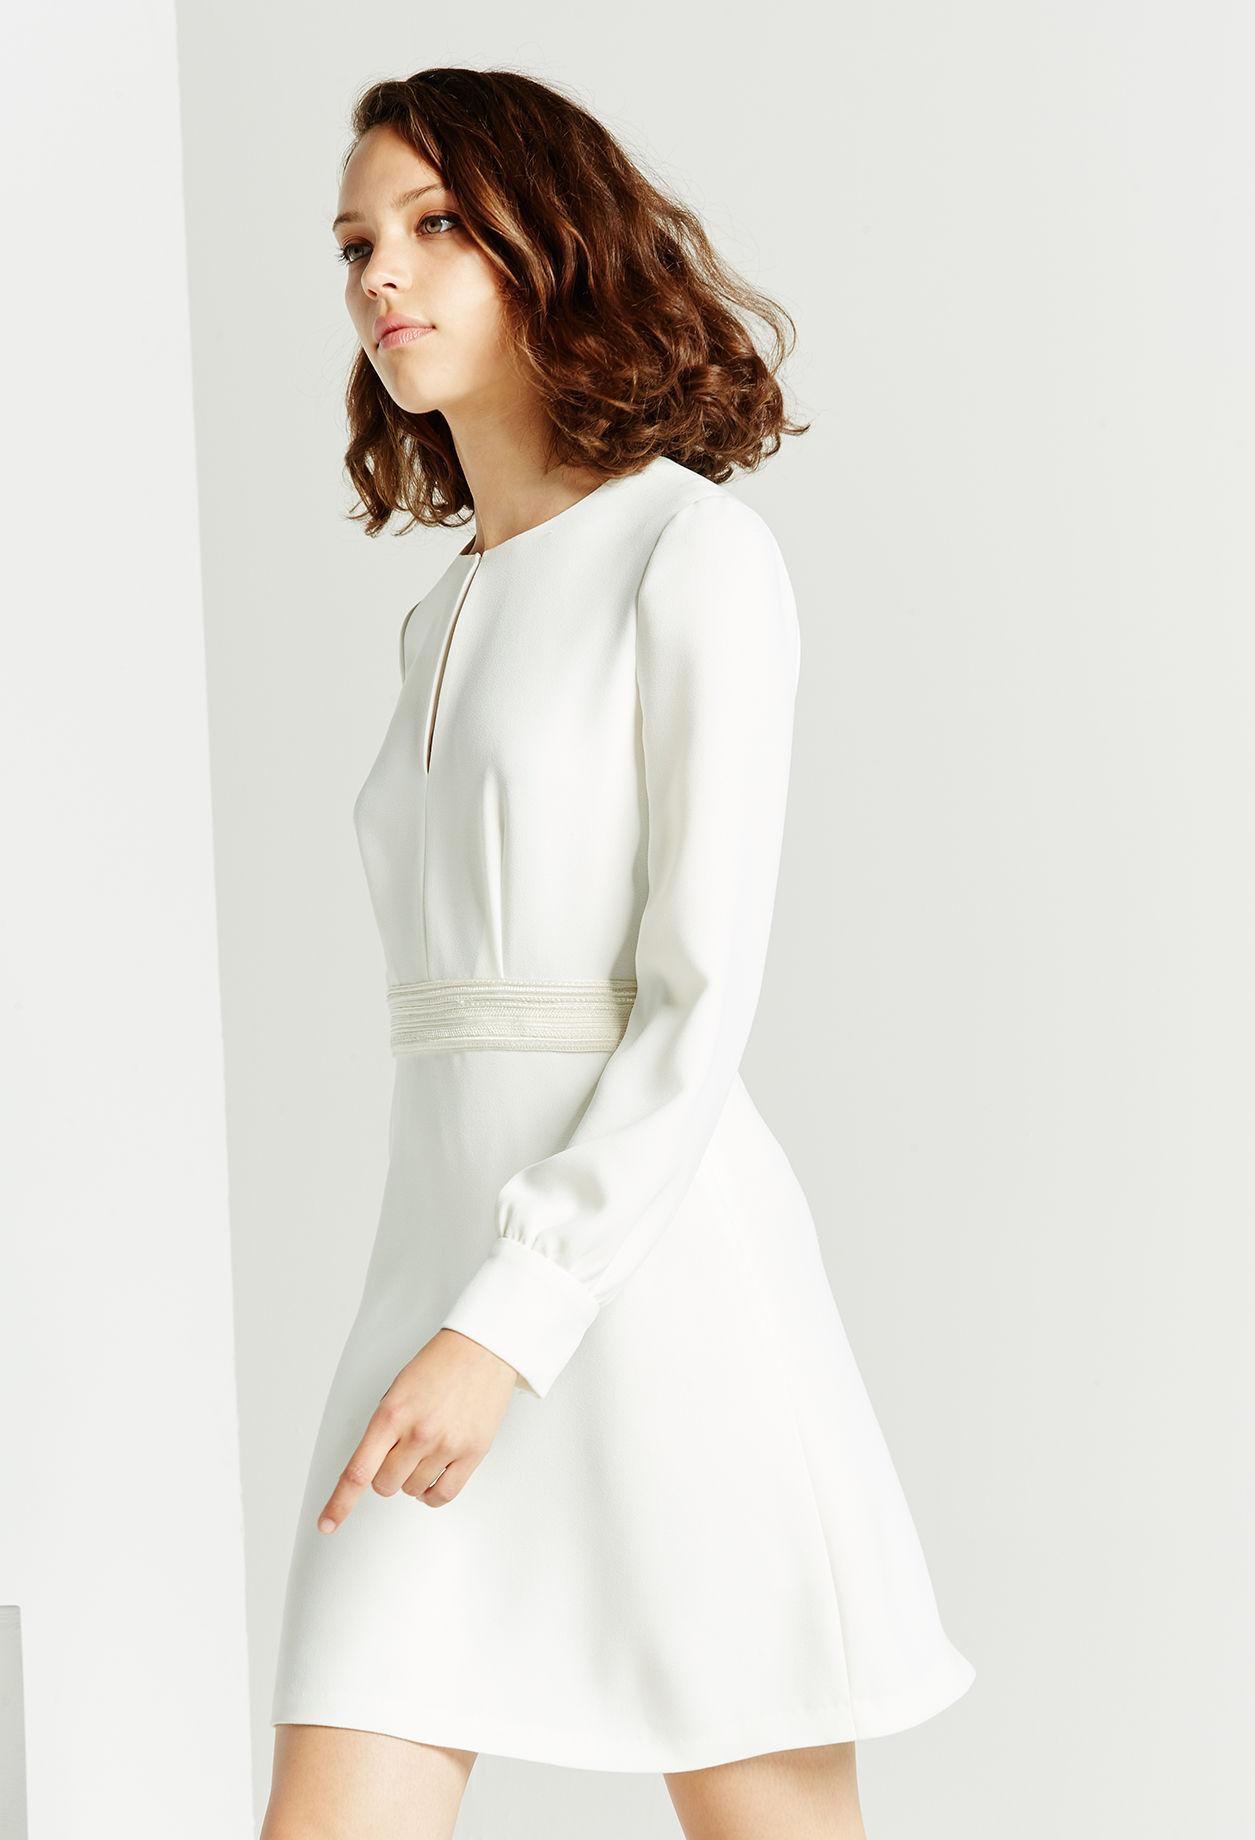 Robe de mariee hiver mairie